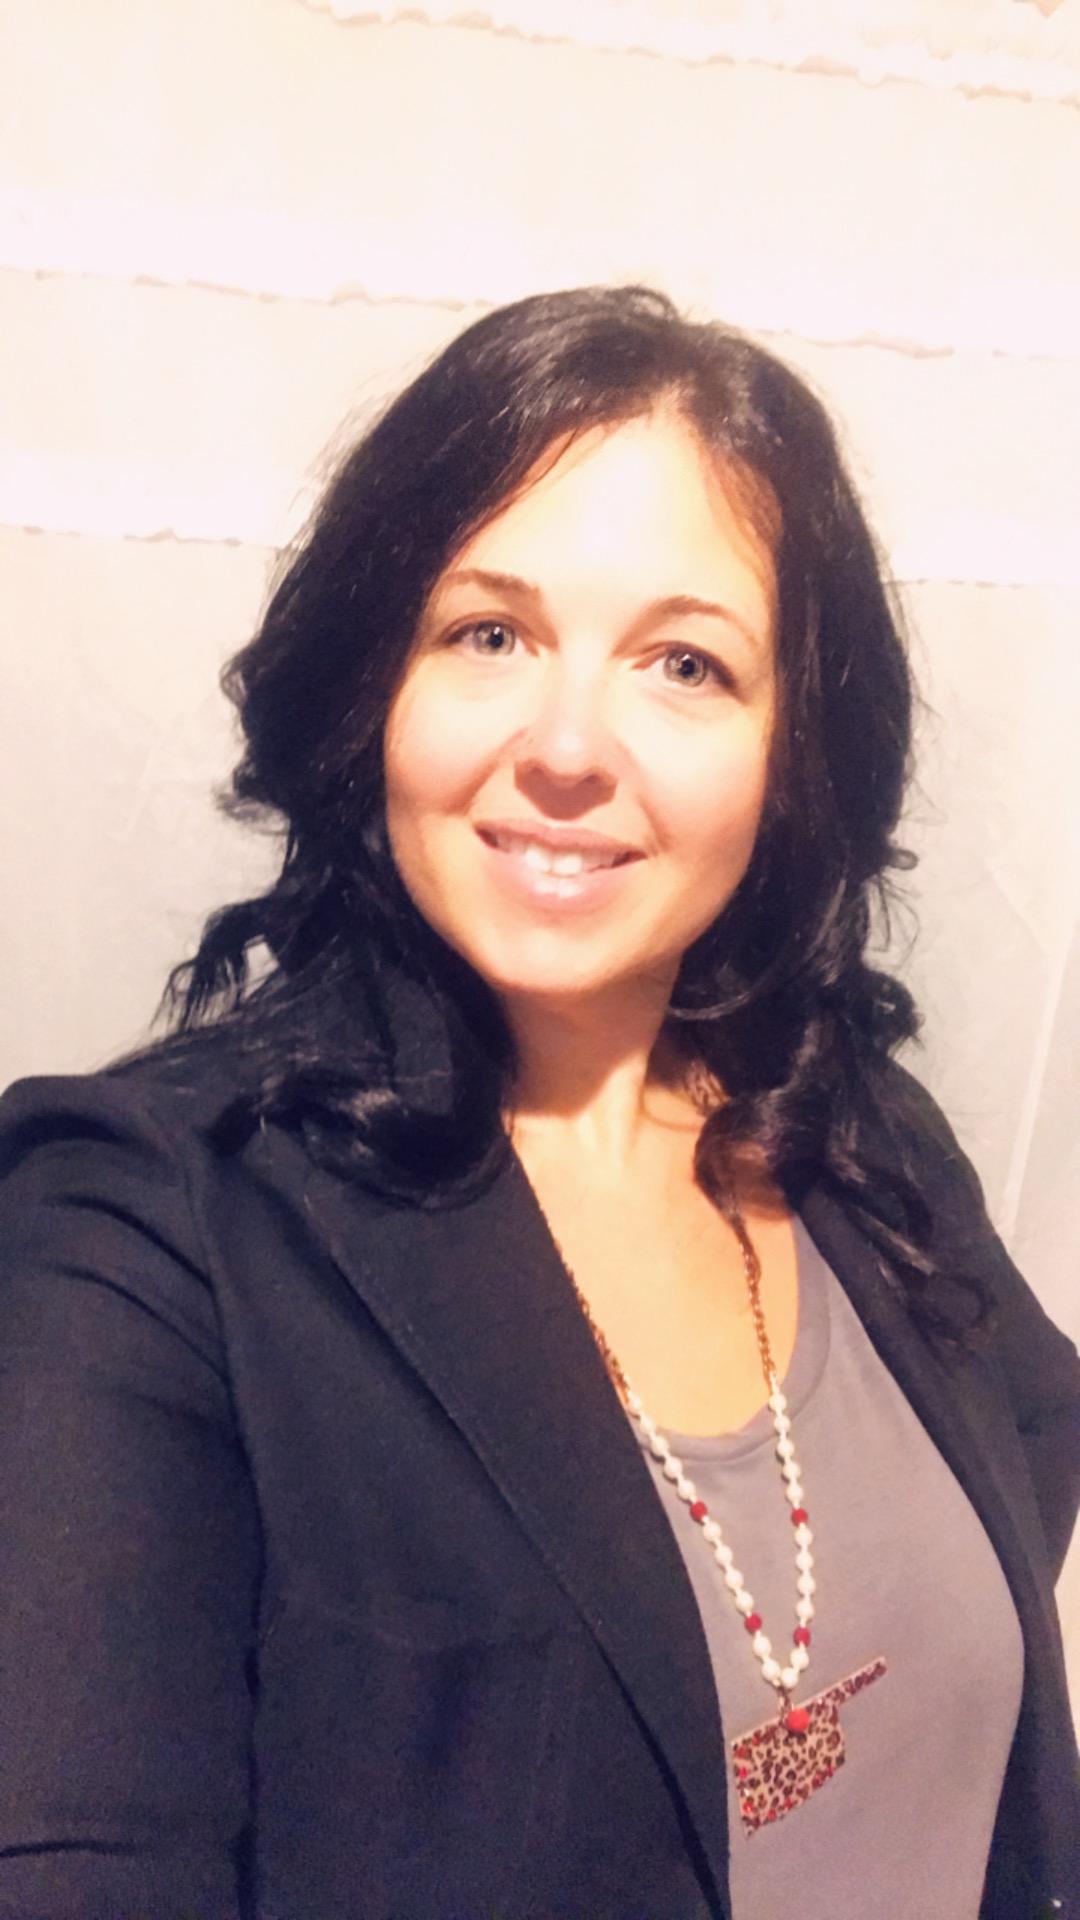 Karin Meza